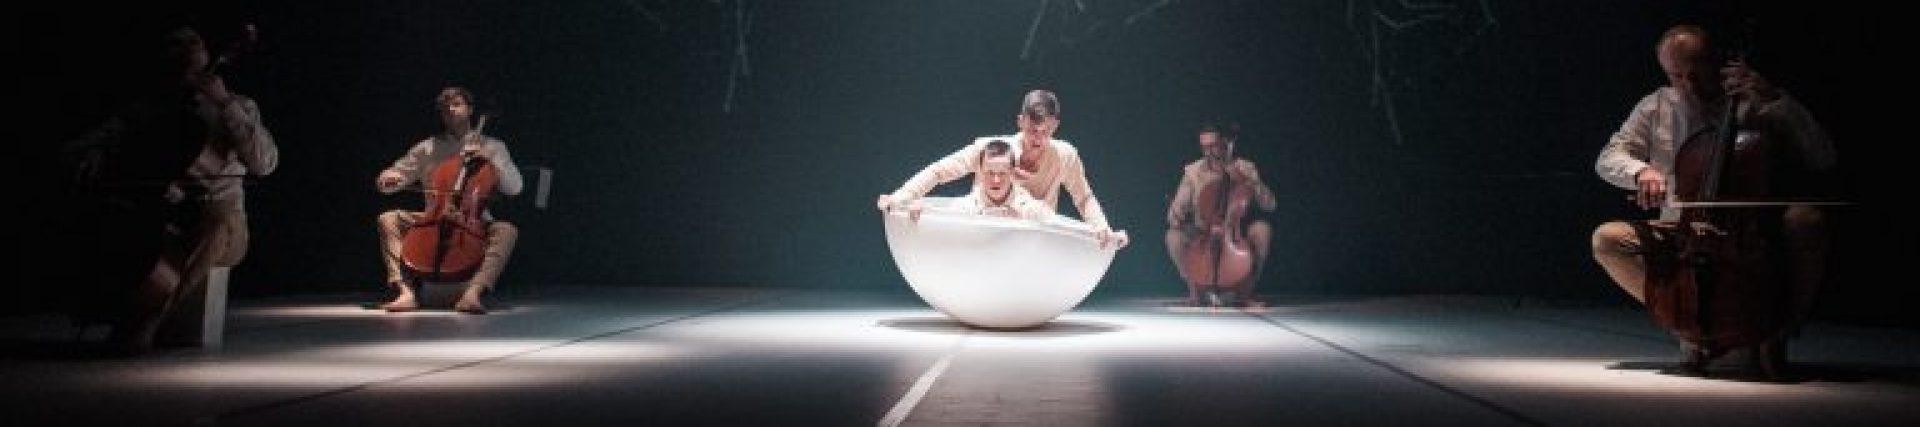 Šiuolaikinio šokio asociacija